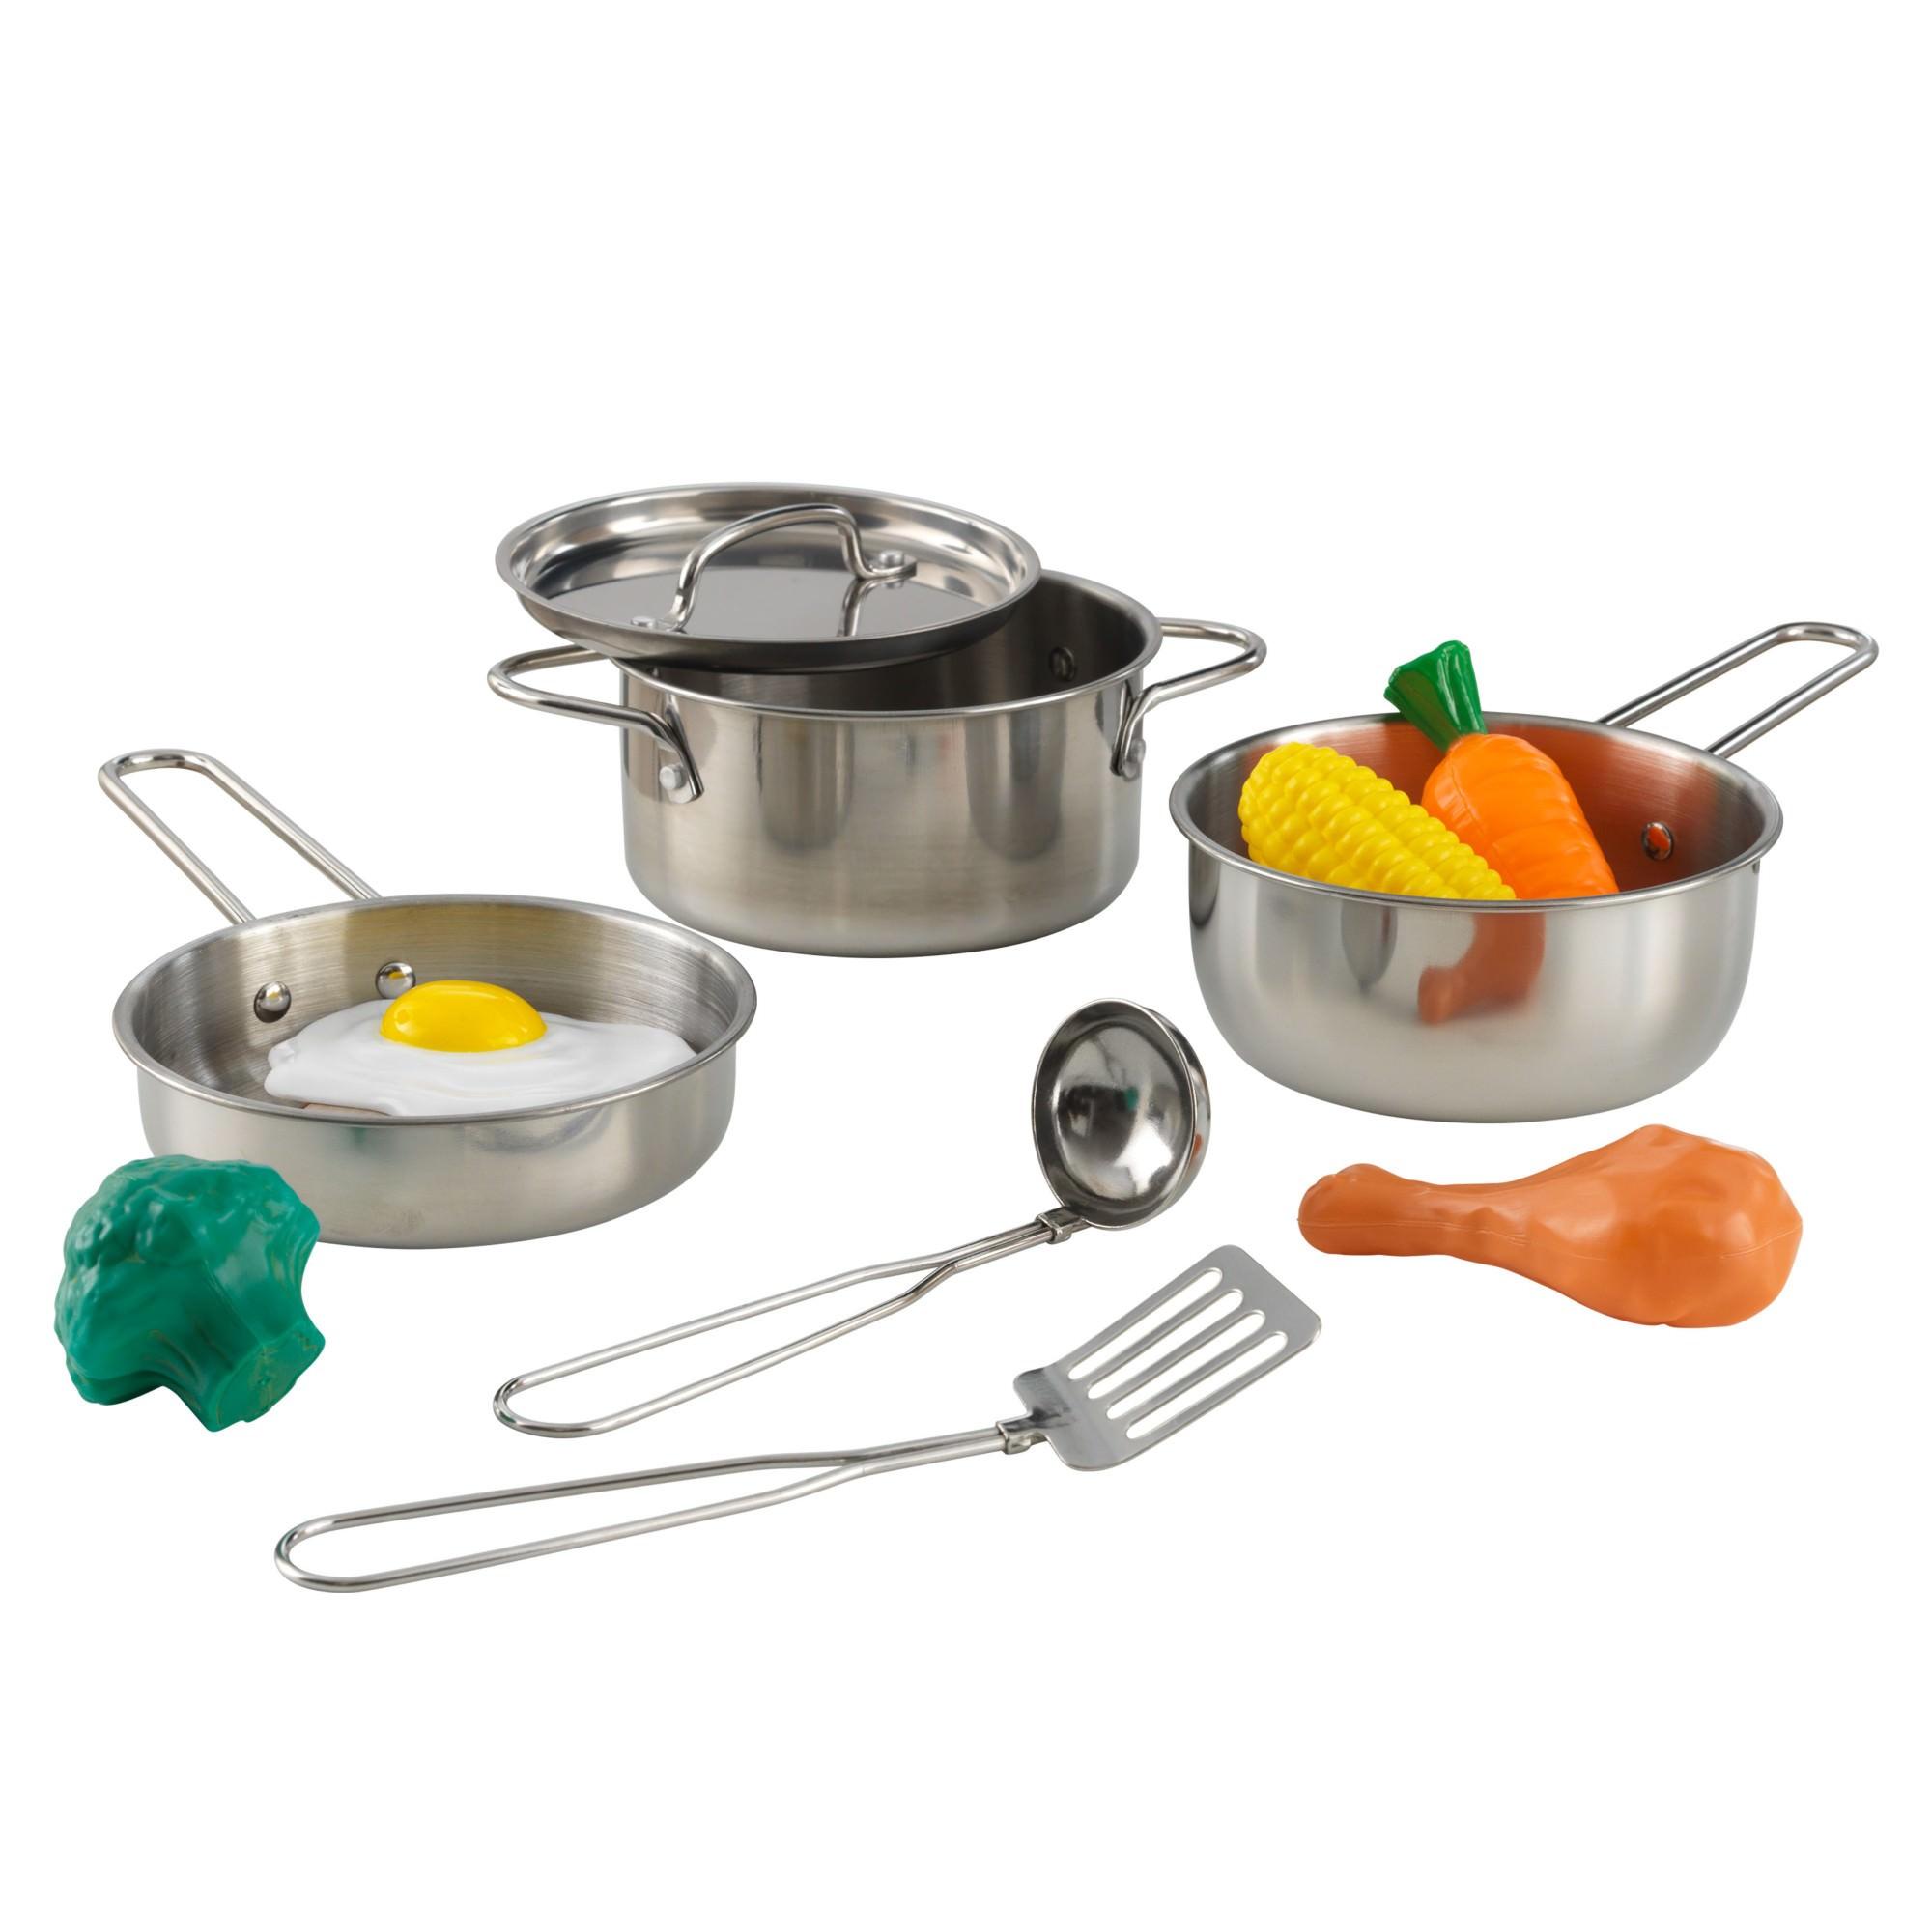 Kidkraft Deluxe Metal Cookware Set